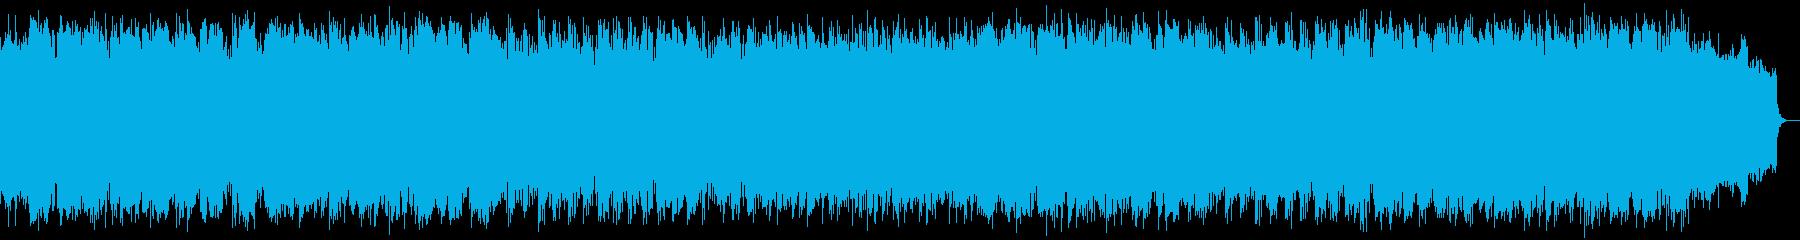 ゆったりとした風景 竹笛のメロディーの再生済みの波形